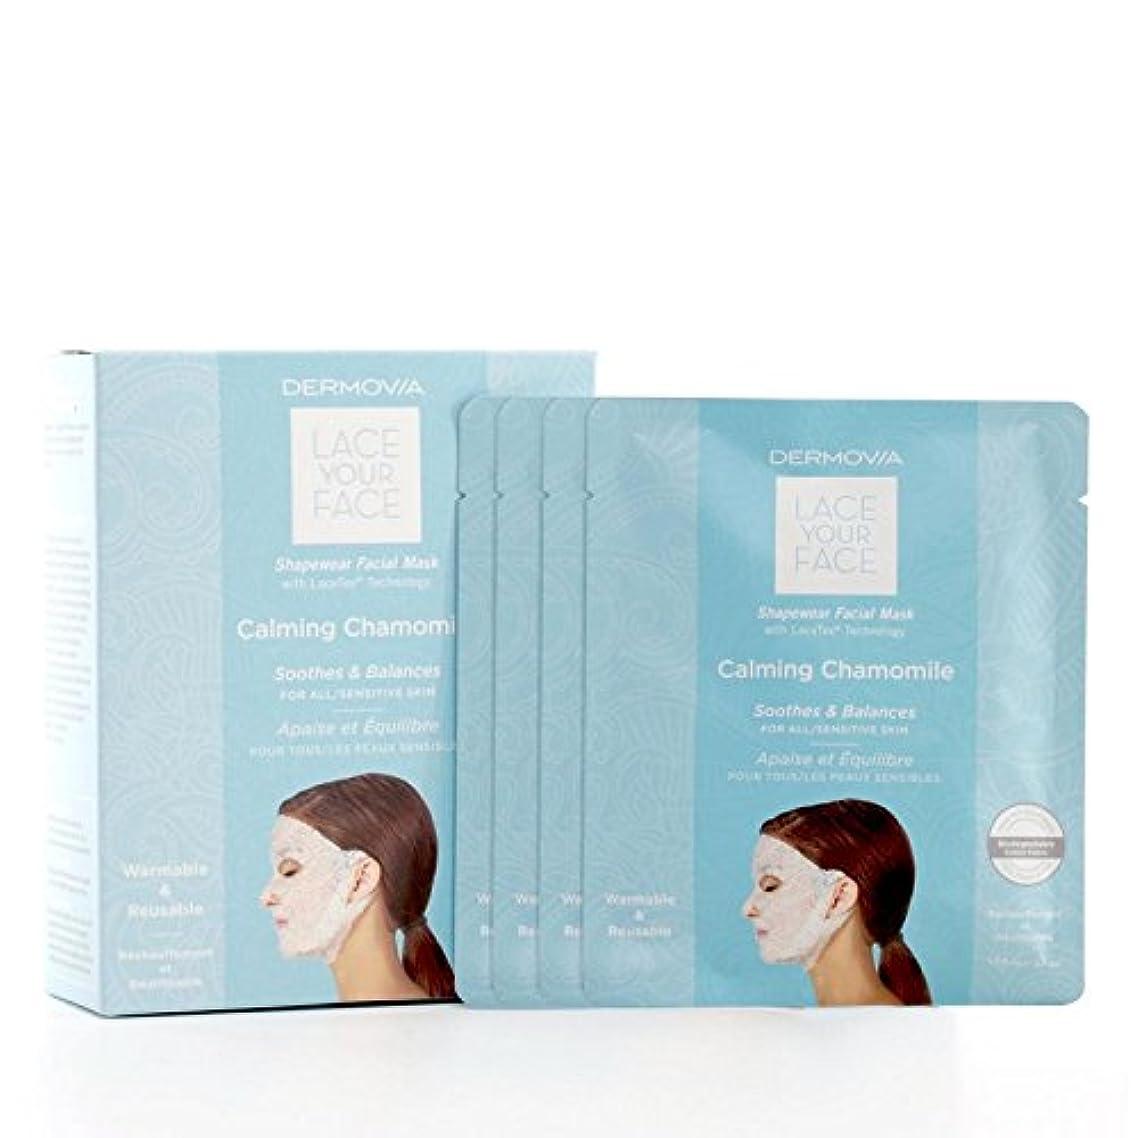 形状悪用中止しますDermovia Lace Your Face Compression Facial Mask Calming Chamomile (Pack of 6) - は、あなたの顔の圧縮フェイシャルマスク心を落ち着かせるカモミール...